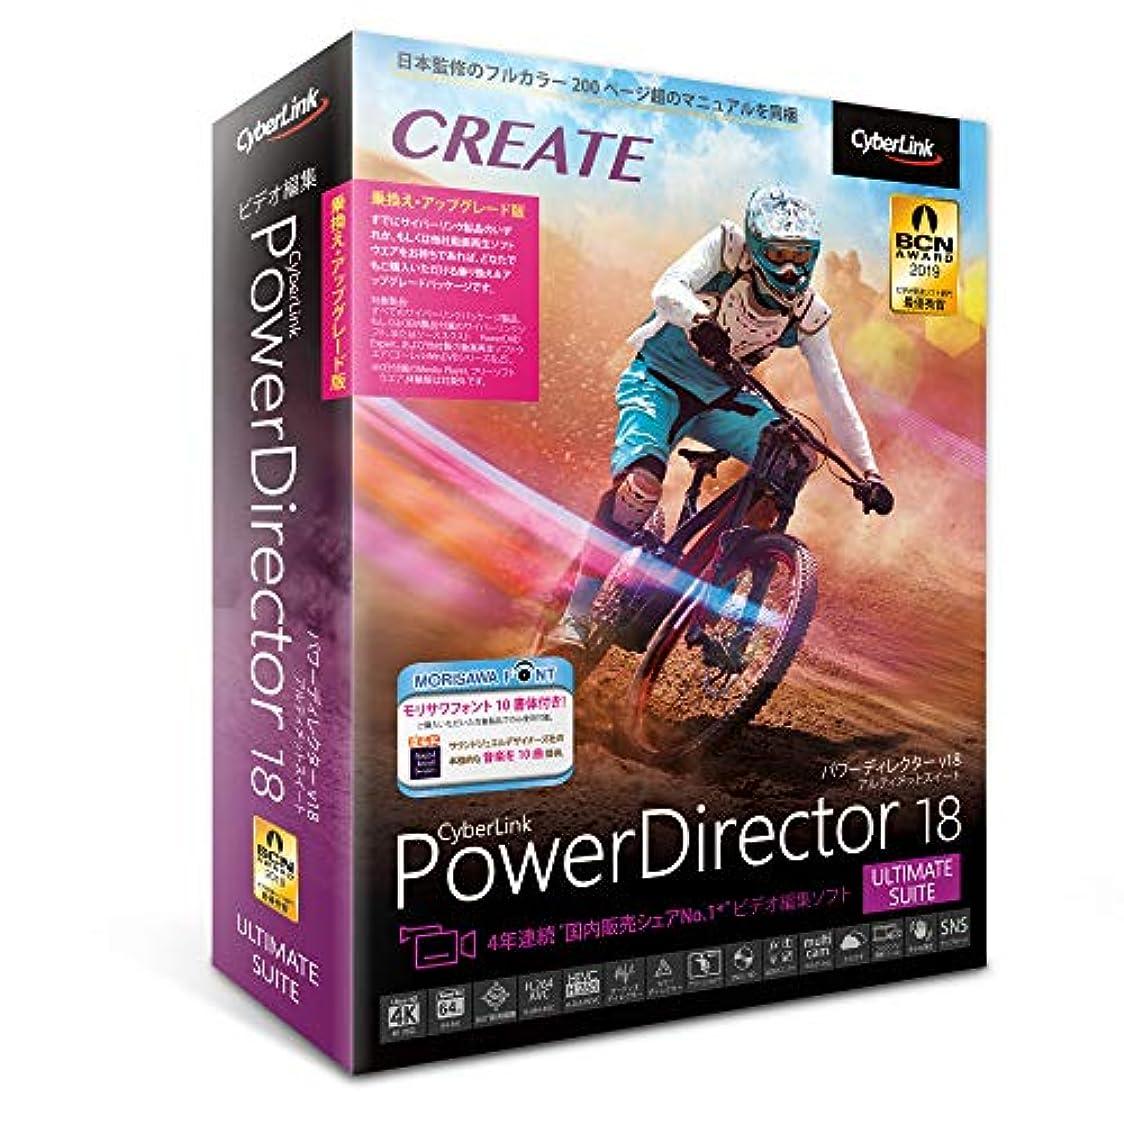 詐欺サラダ人類【最新版】PowerDirector 18 Ultimate Suite 乗換え?アップグレード版